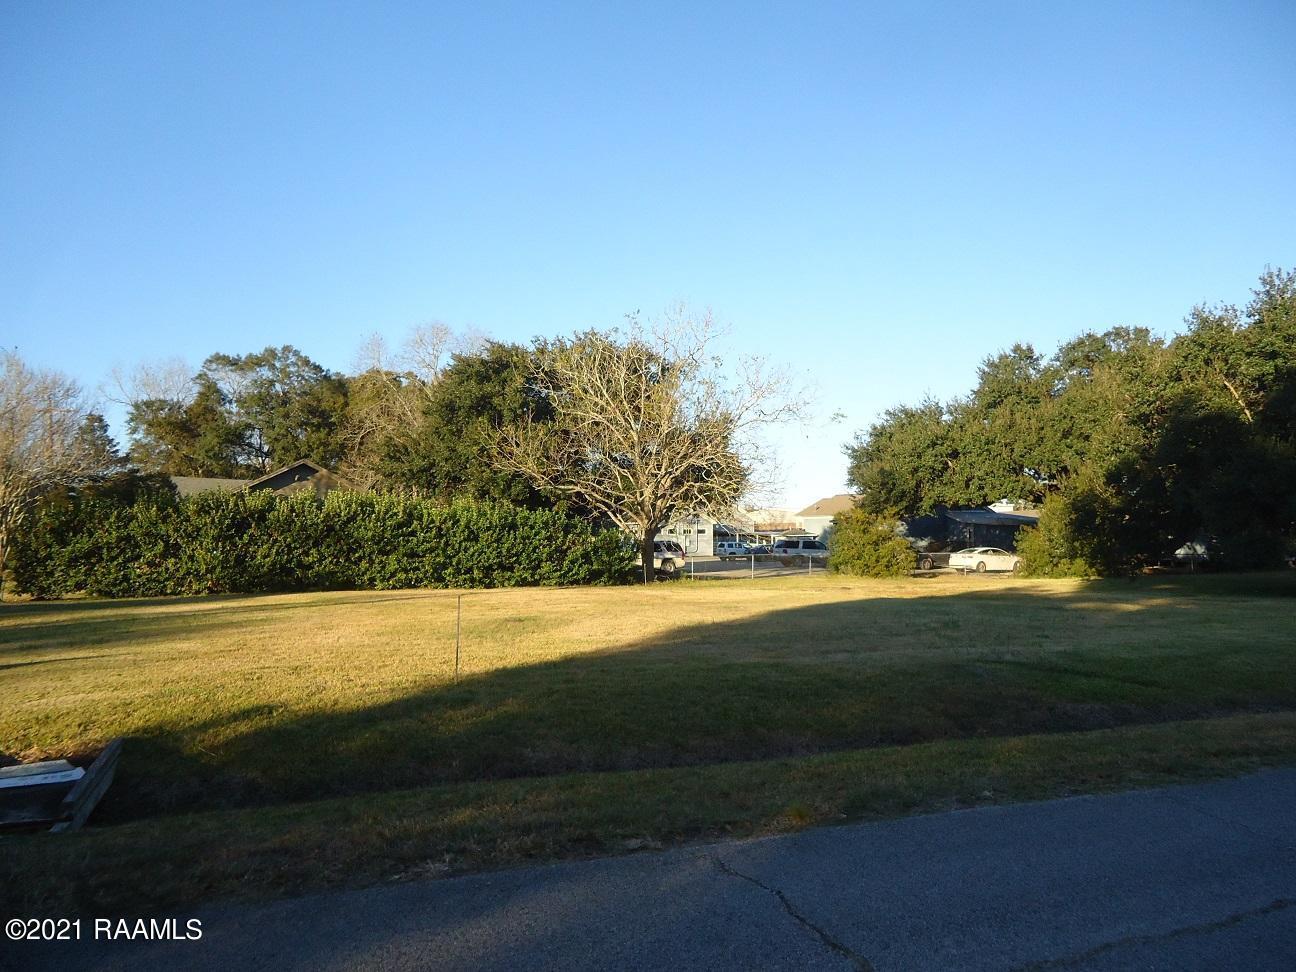 12430 Beau Soleil Drive, Abbeville, LA 70510 Photo #4